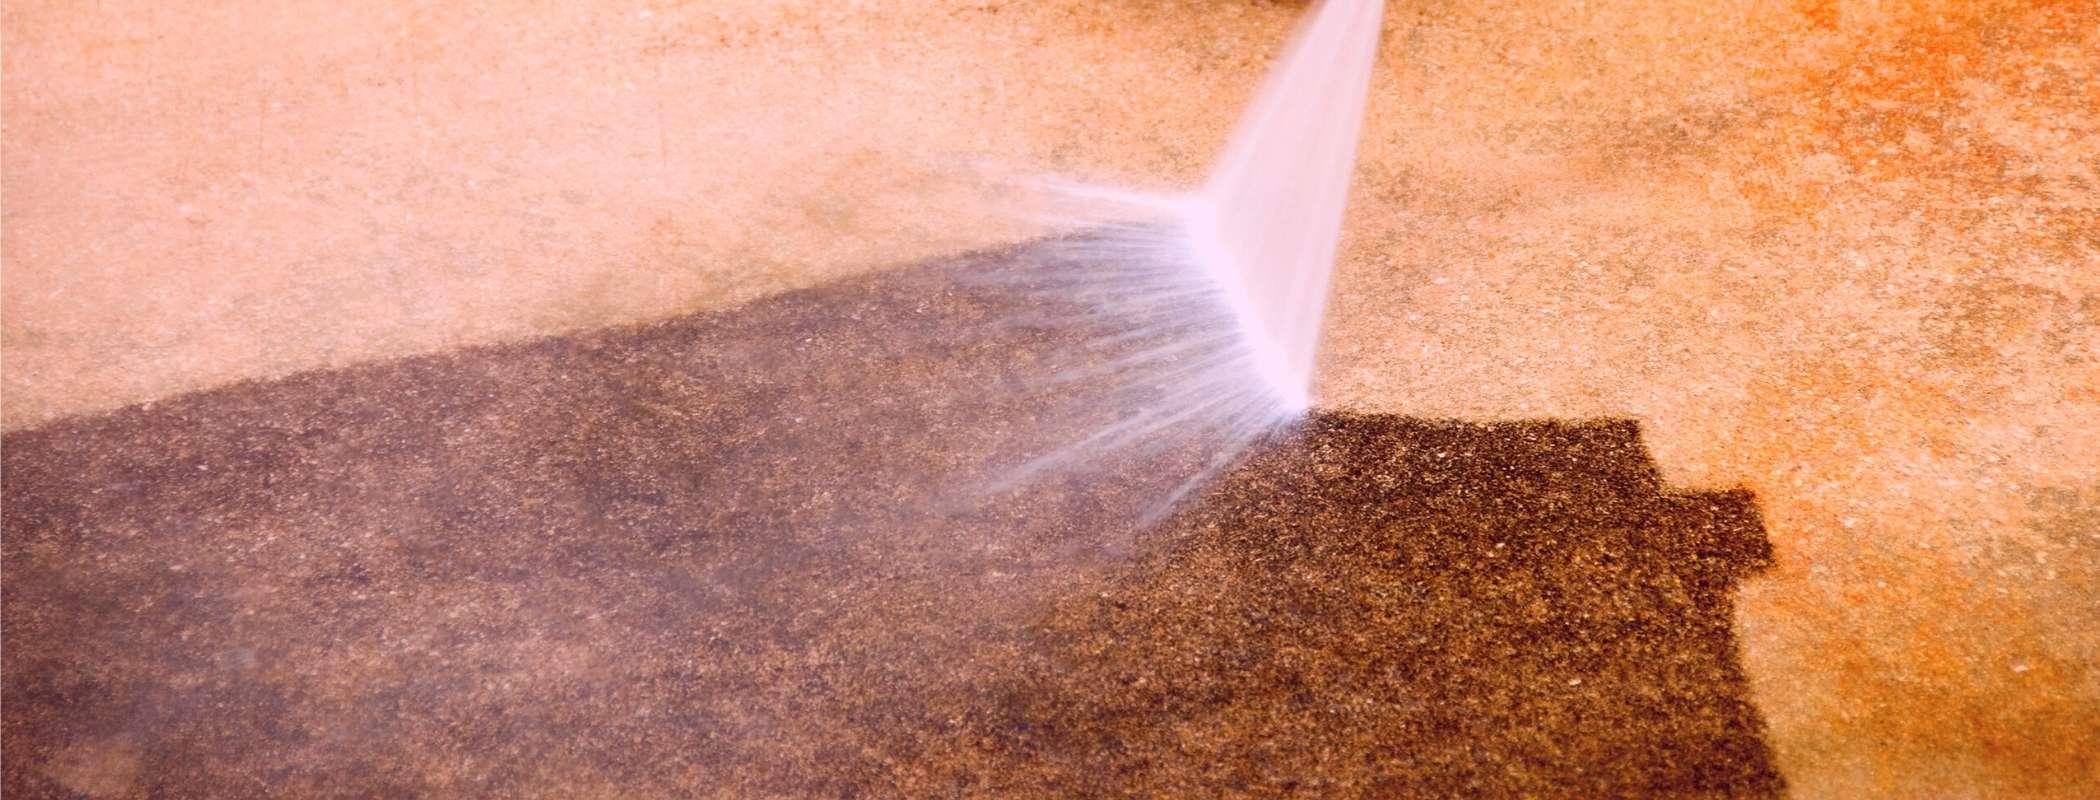 garage floor pressure washing (1)